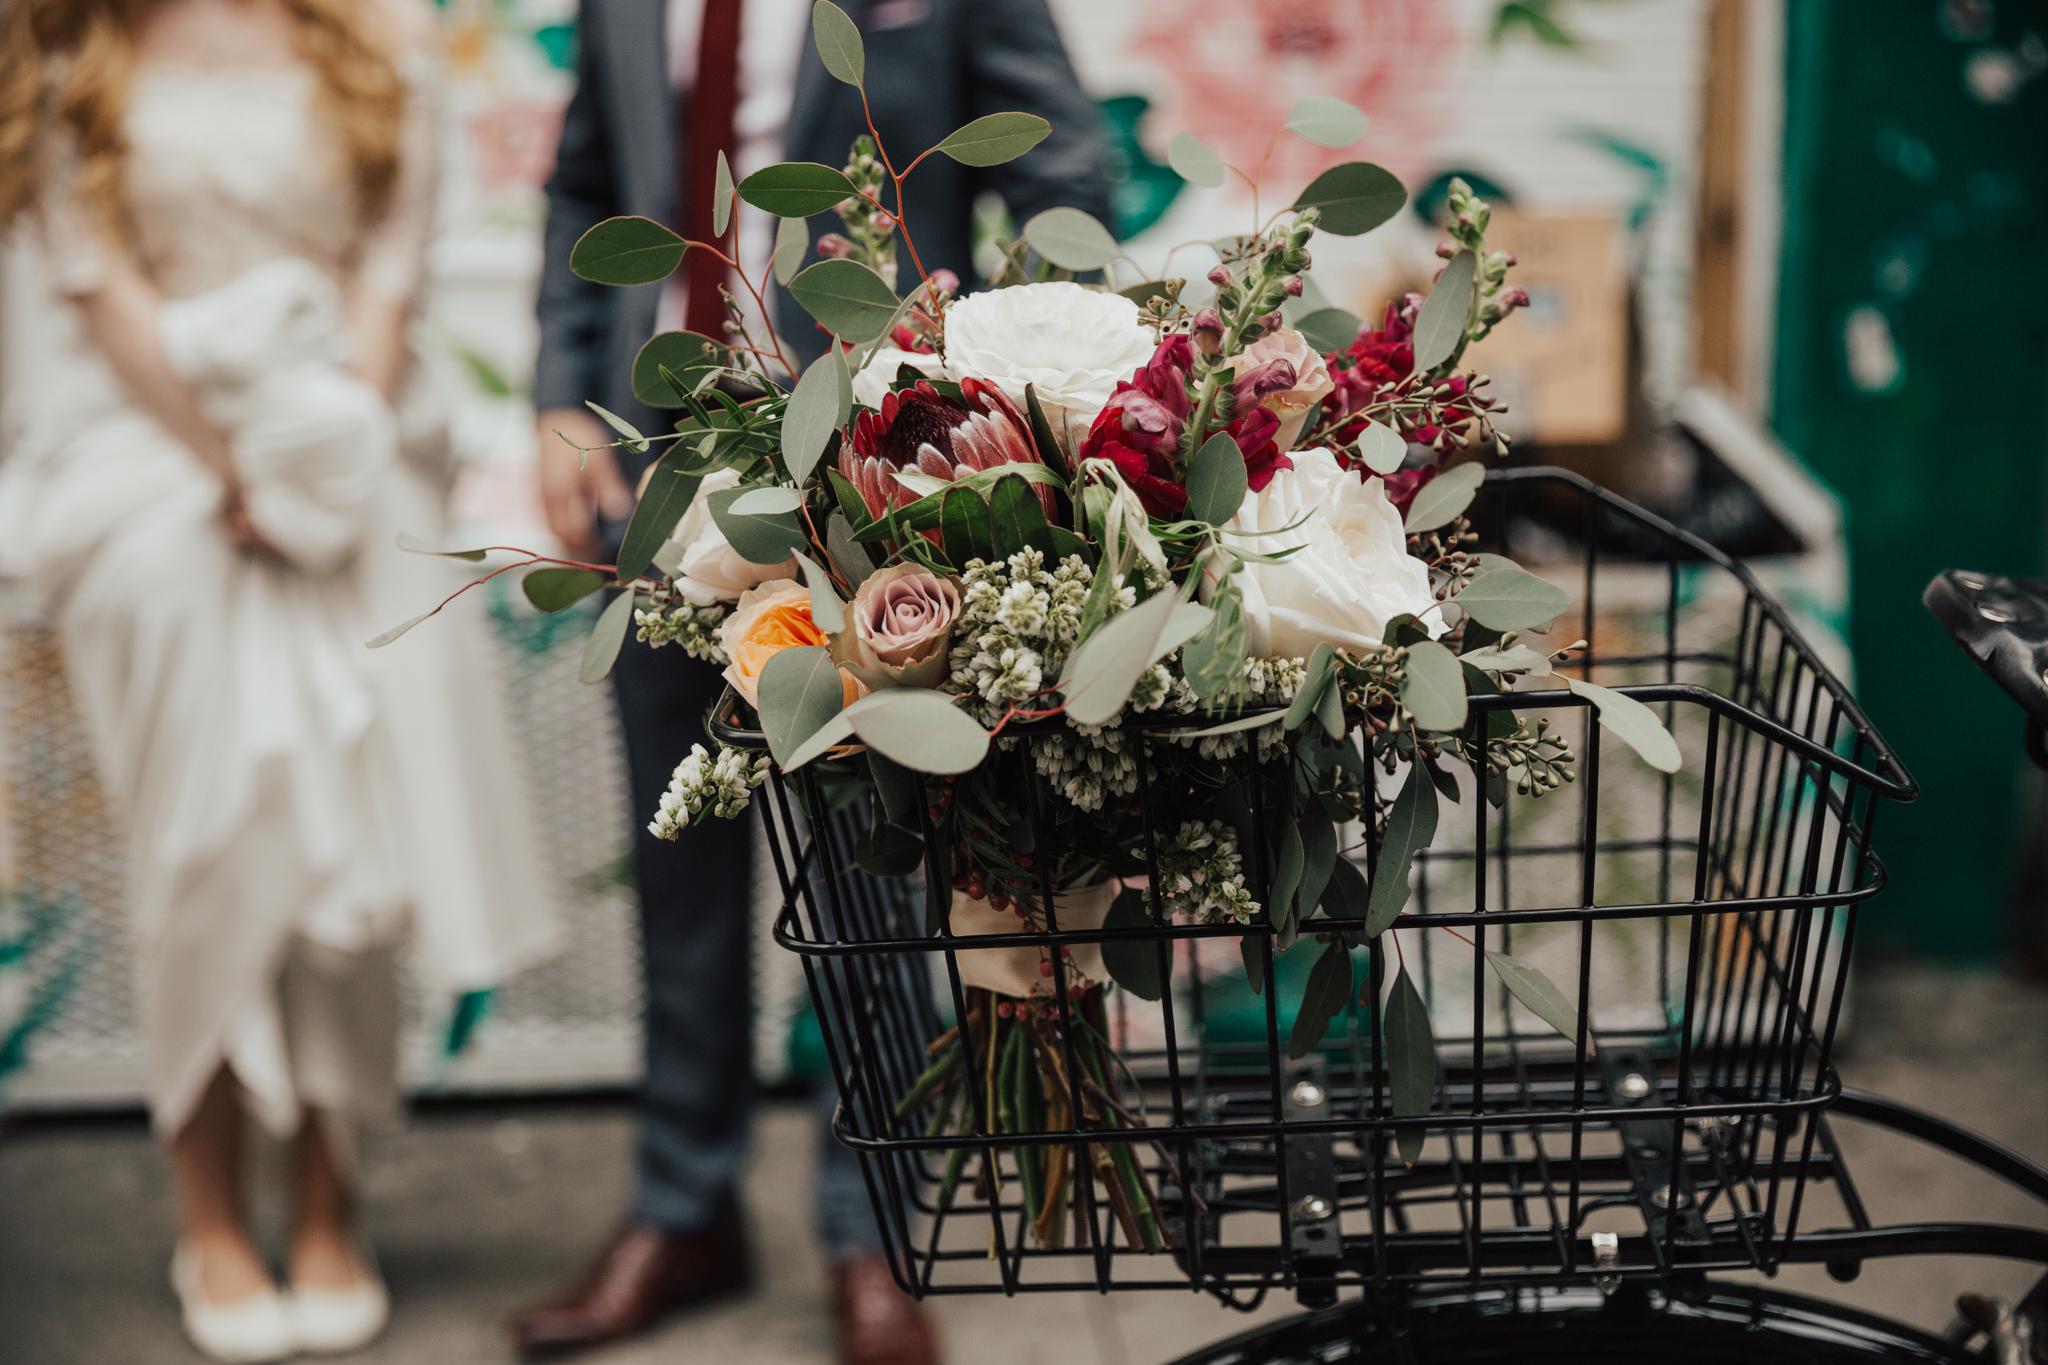 freemans alley_wedding